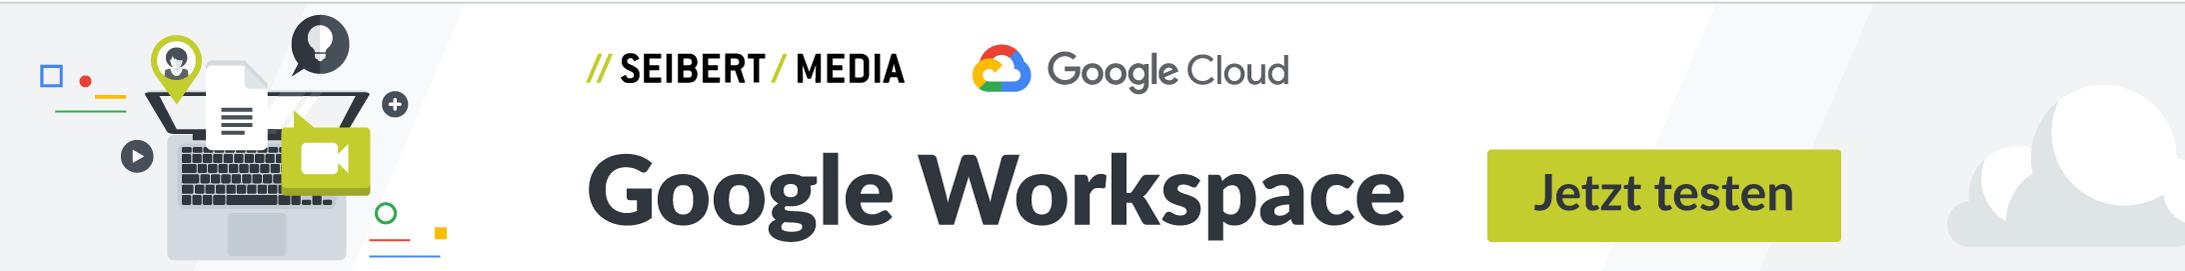 Google Workspace jetzt testen